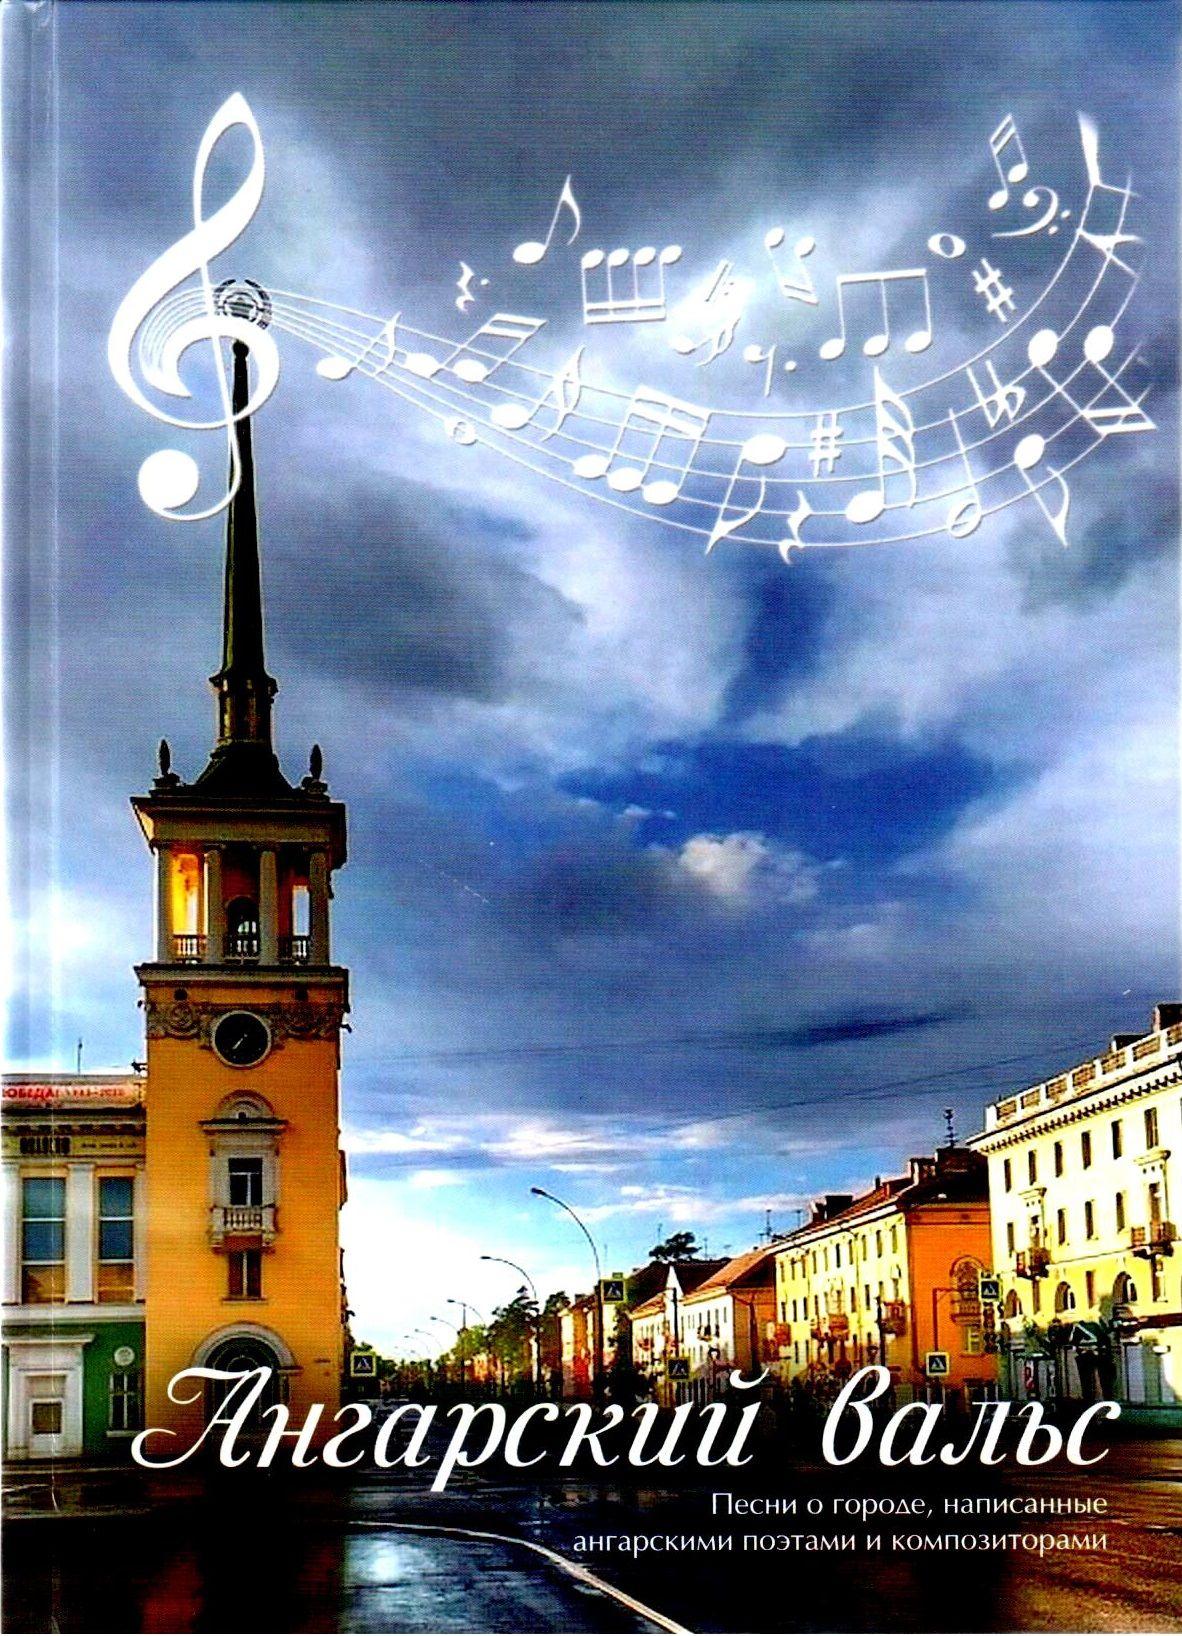 Ангарский вальс. Песни о городе, написанные ангарскими поэтами и композиторами.